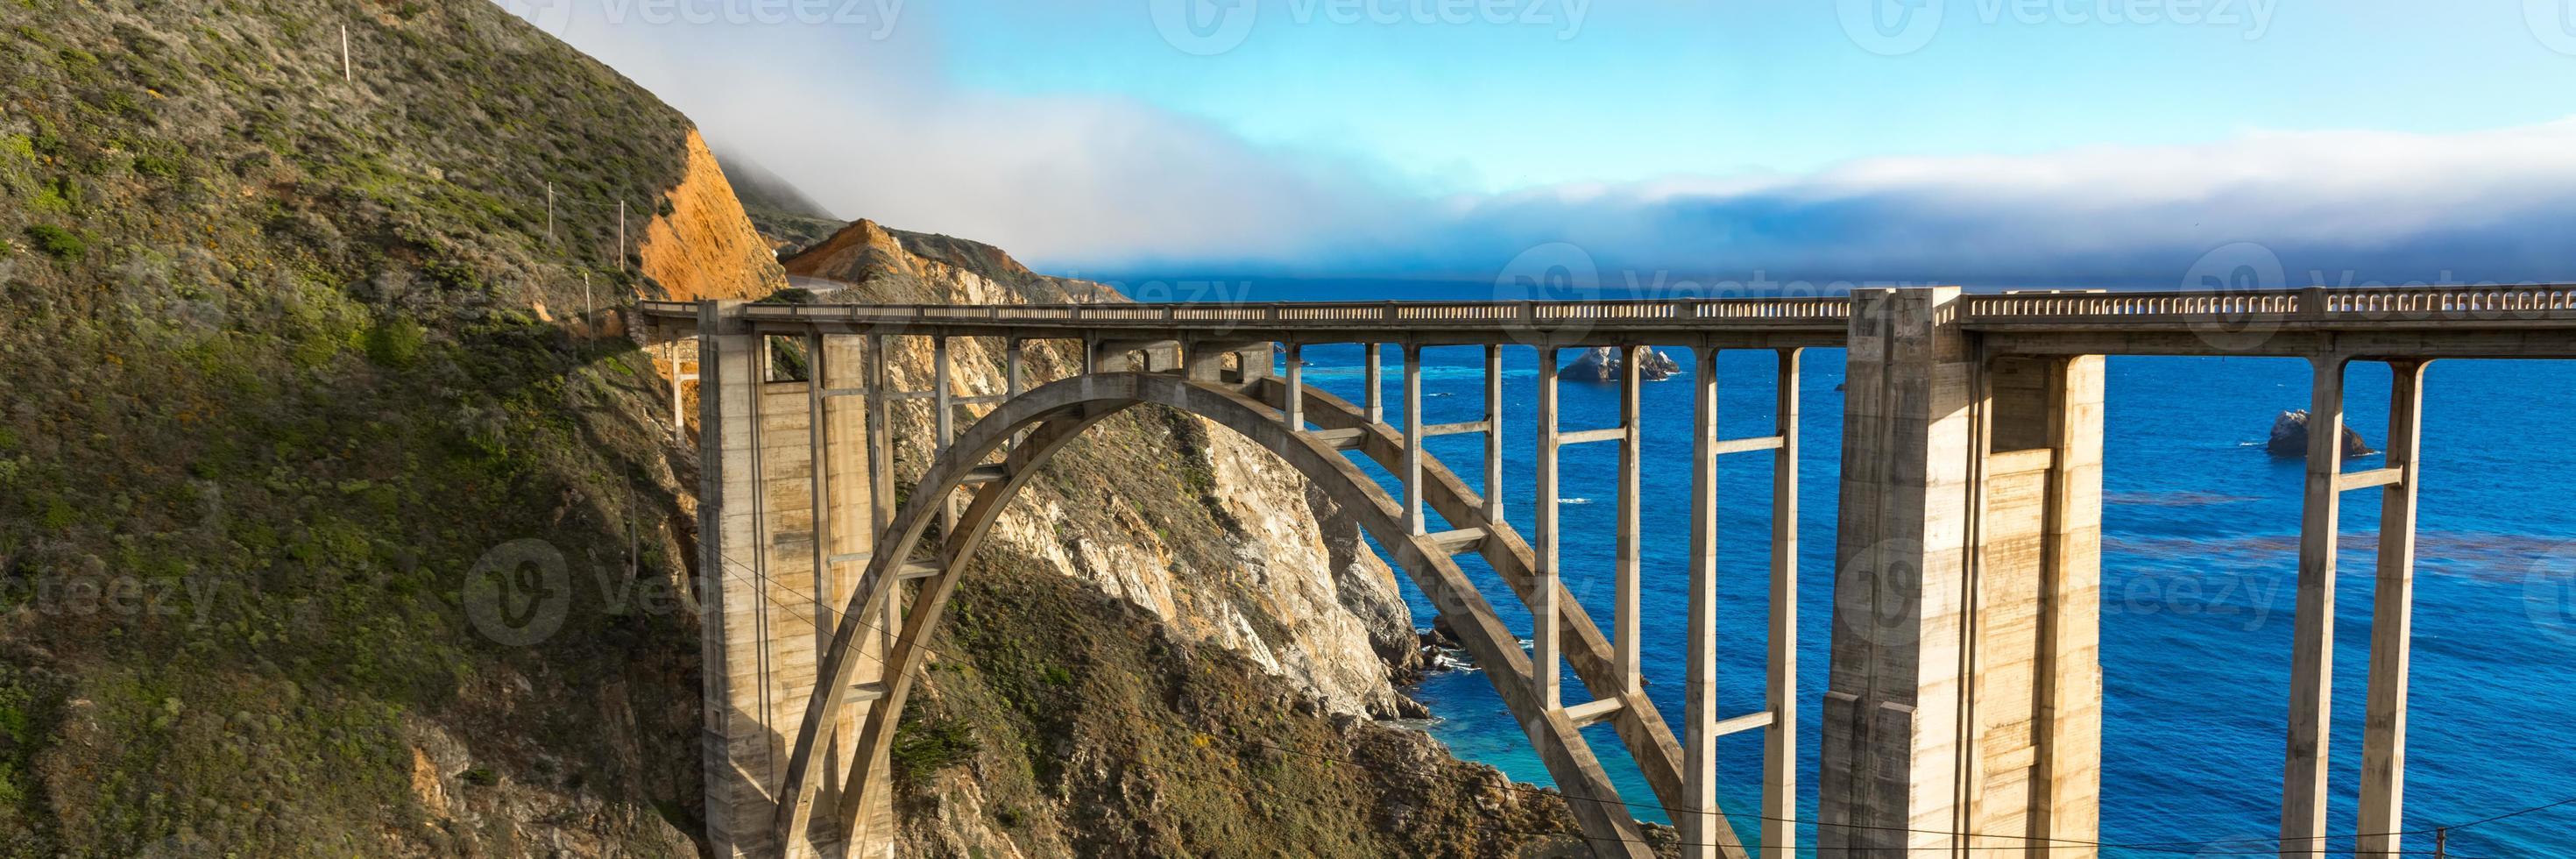 Bixby Bridge panorama photo